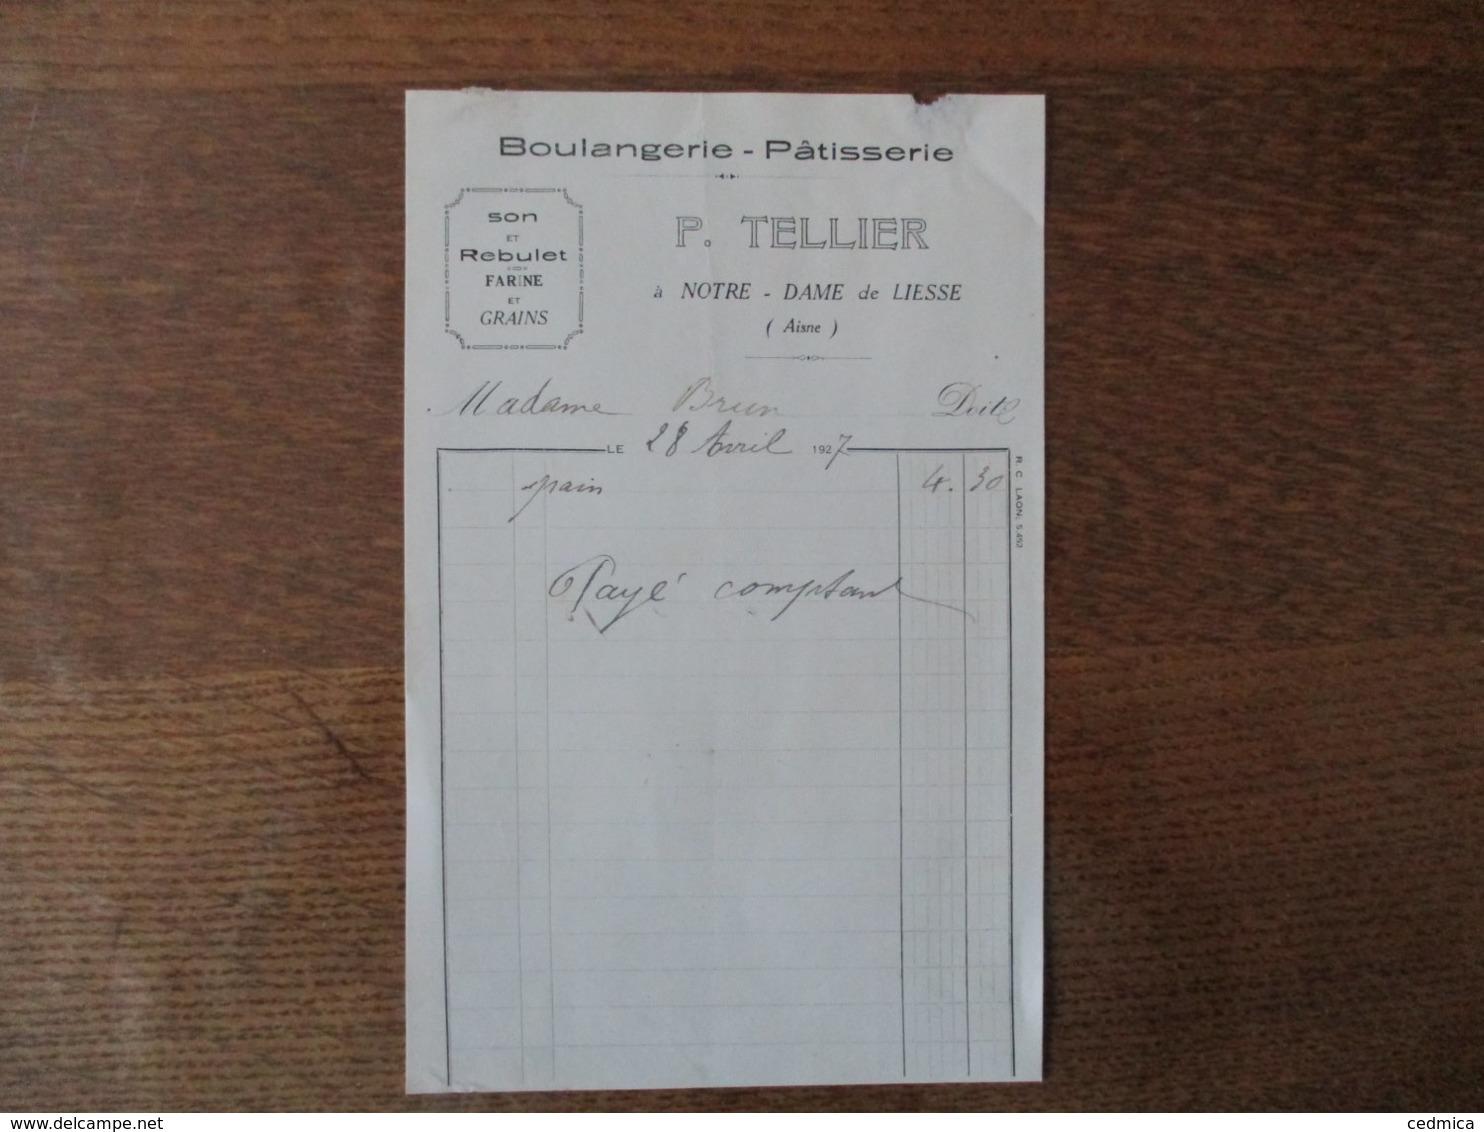 NOTRE-DAME DE LIESSE P. TELLIER BOULAGERIE-PATISSERIE FACTURE DU 28 AVRIL 1927 - 1900 – 1949